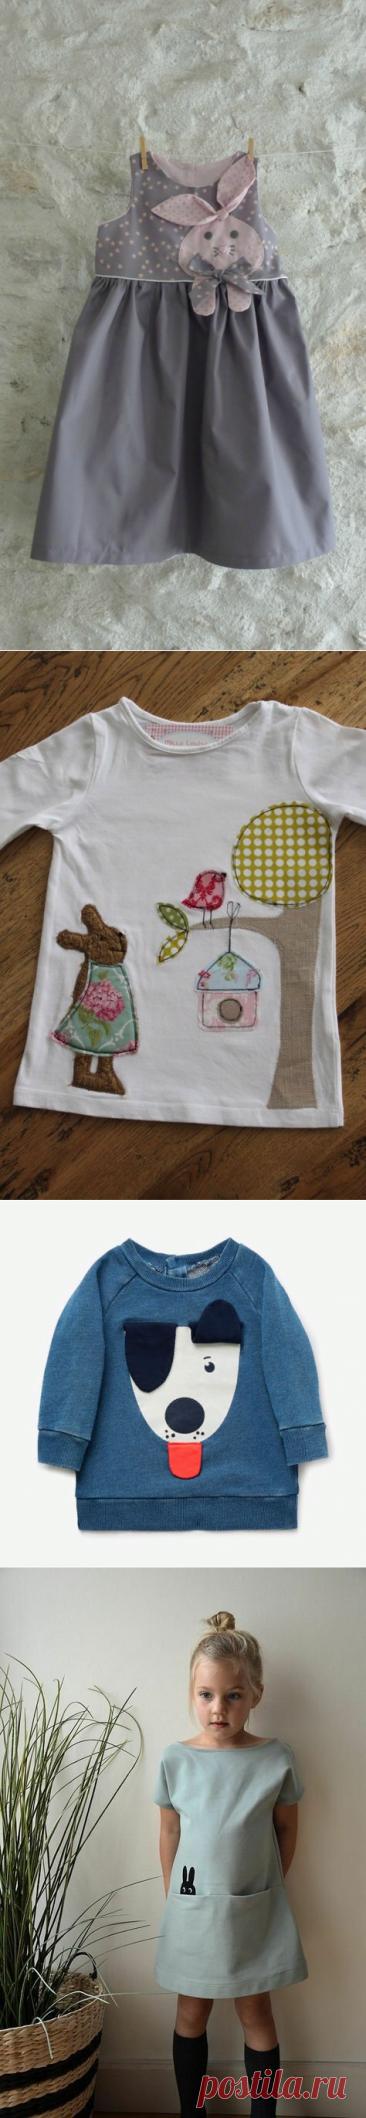 Симпатичные аппликации для детской одежды. Подборка идей.   Handmade для всех   Яндекс Дзен